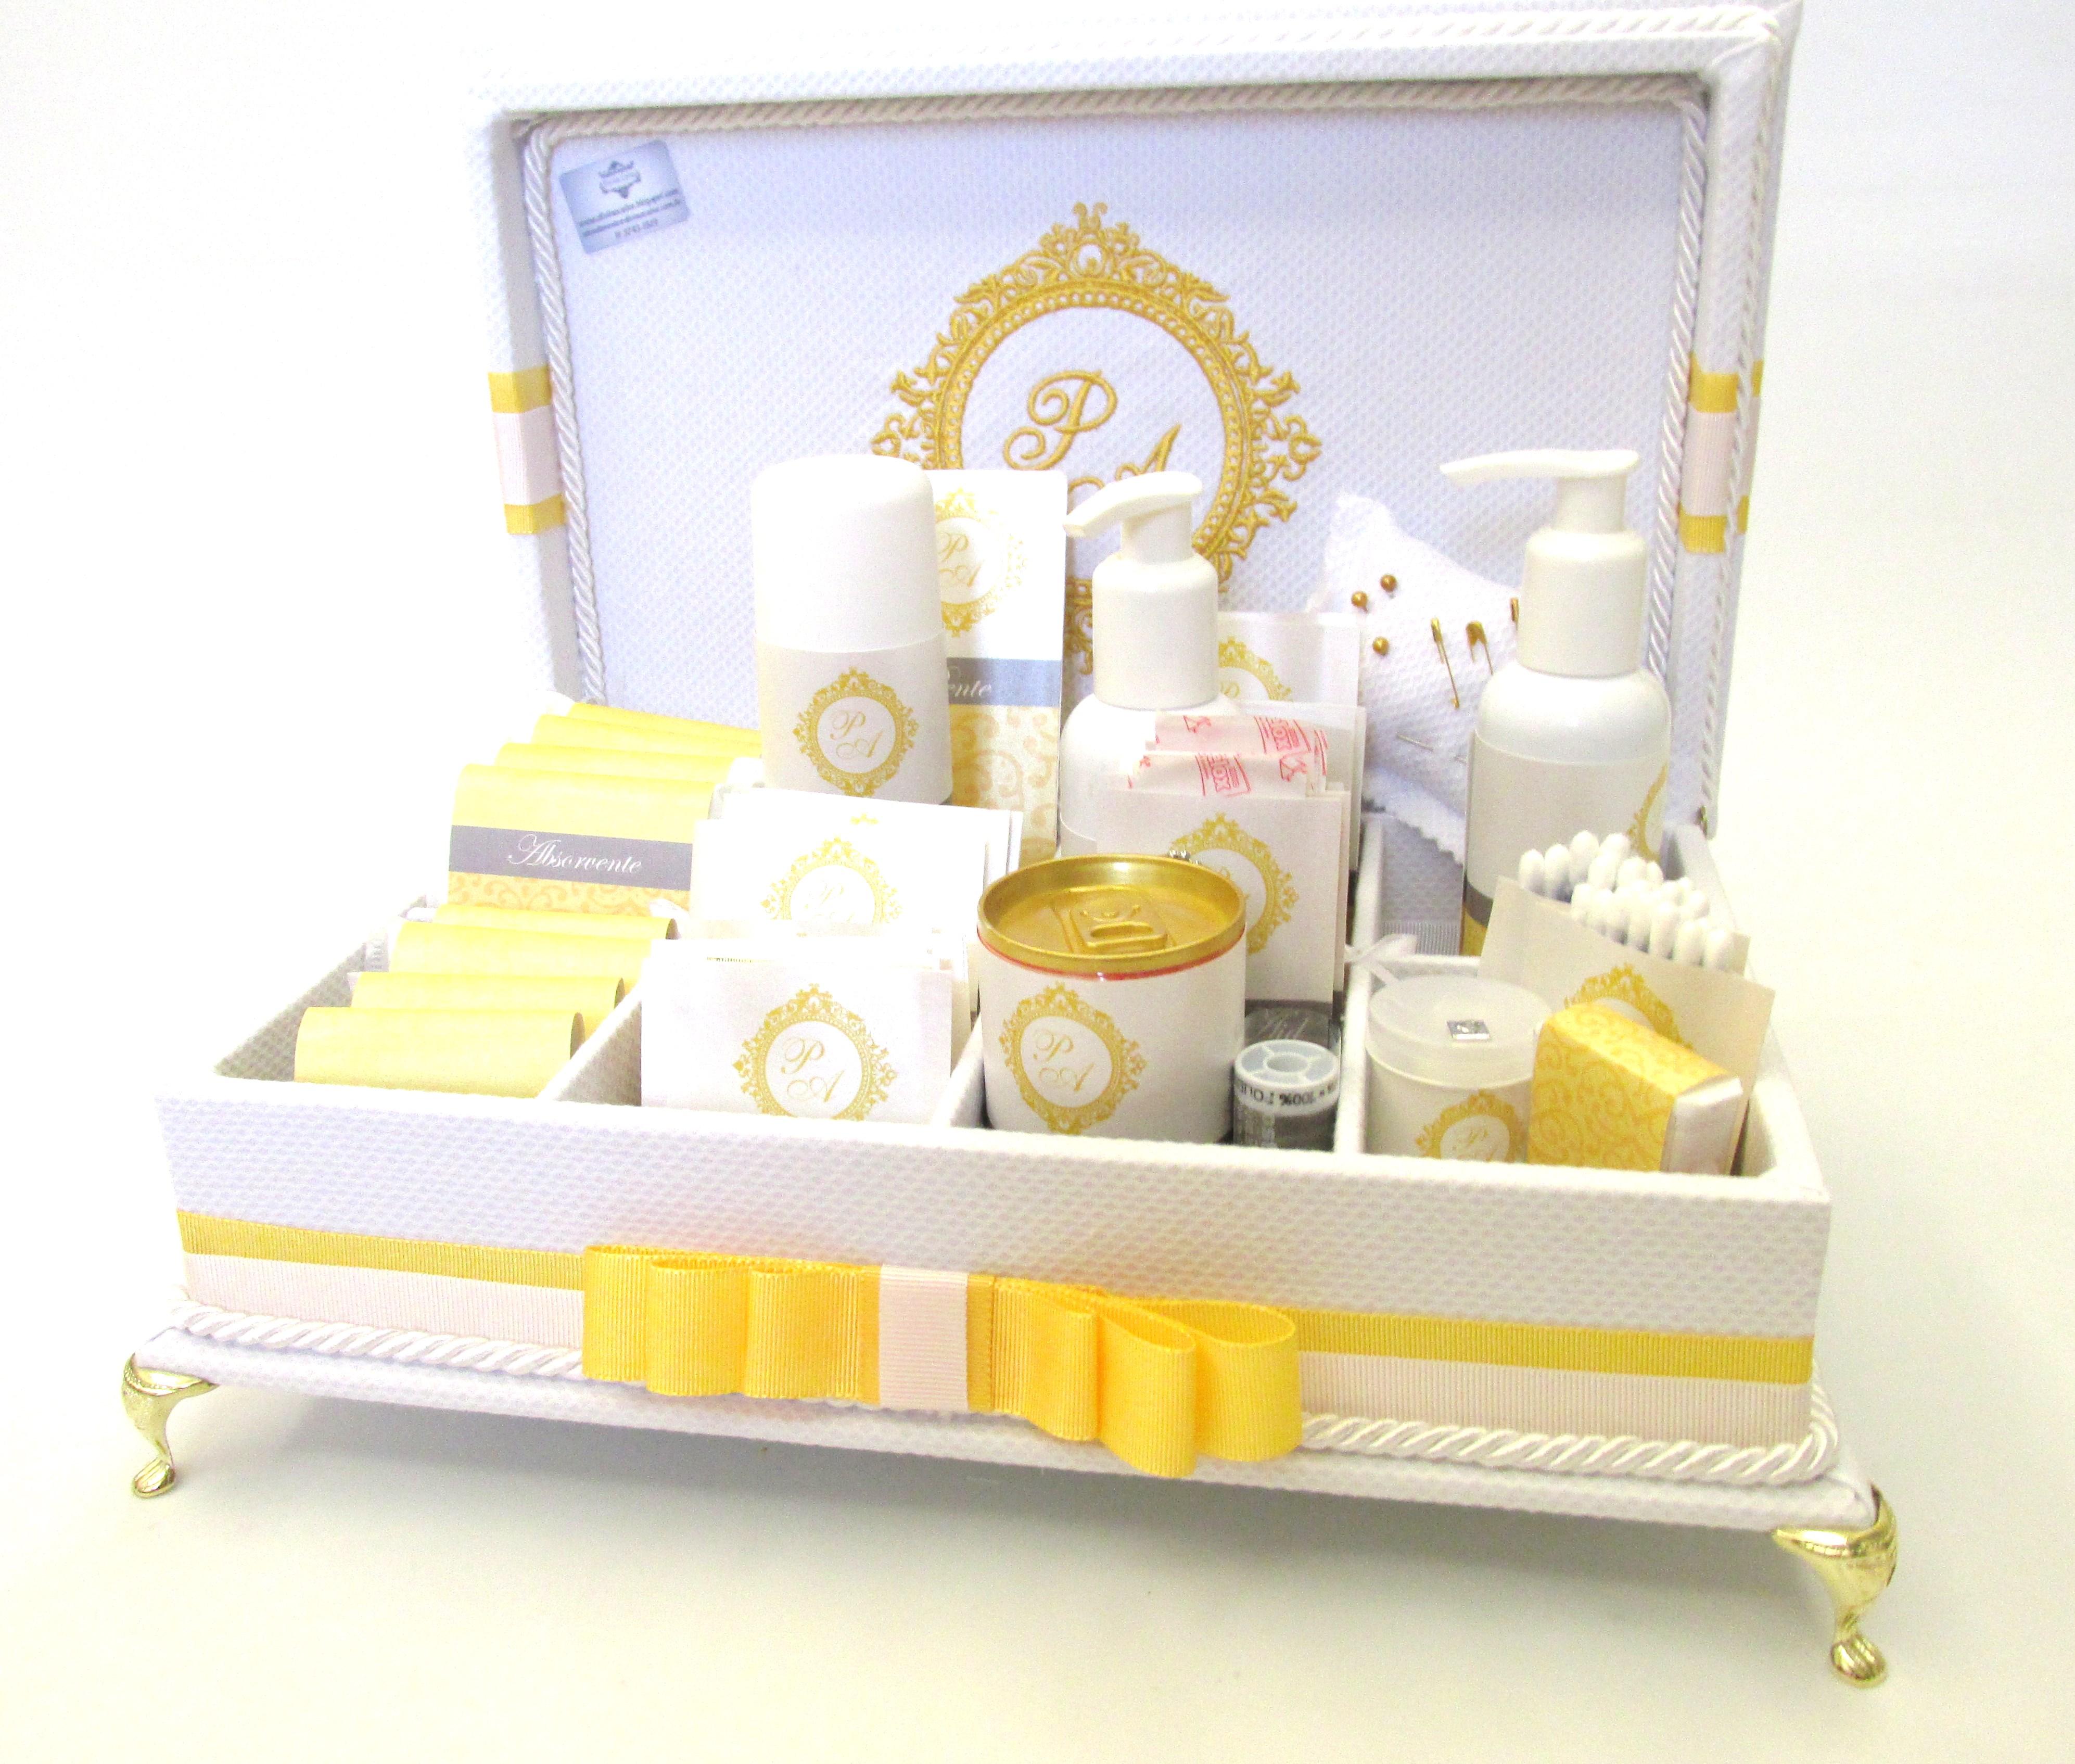 kit banheiro para casamento banheiro #B89413 3987 3389